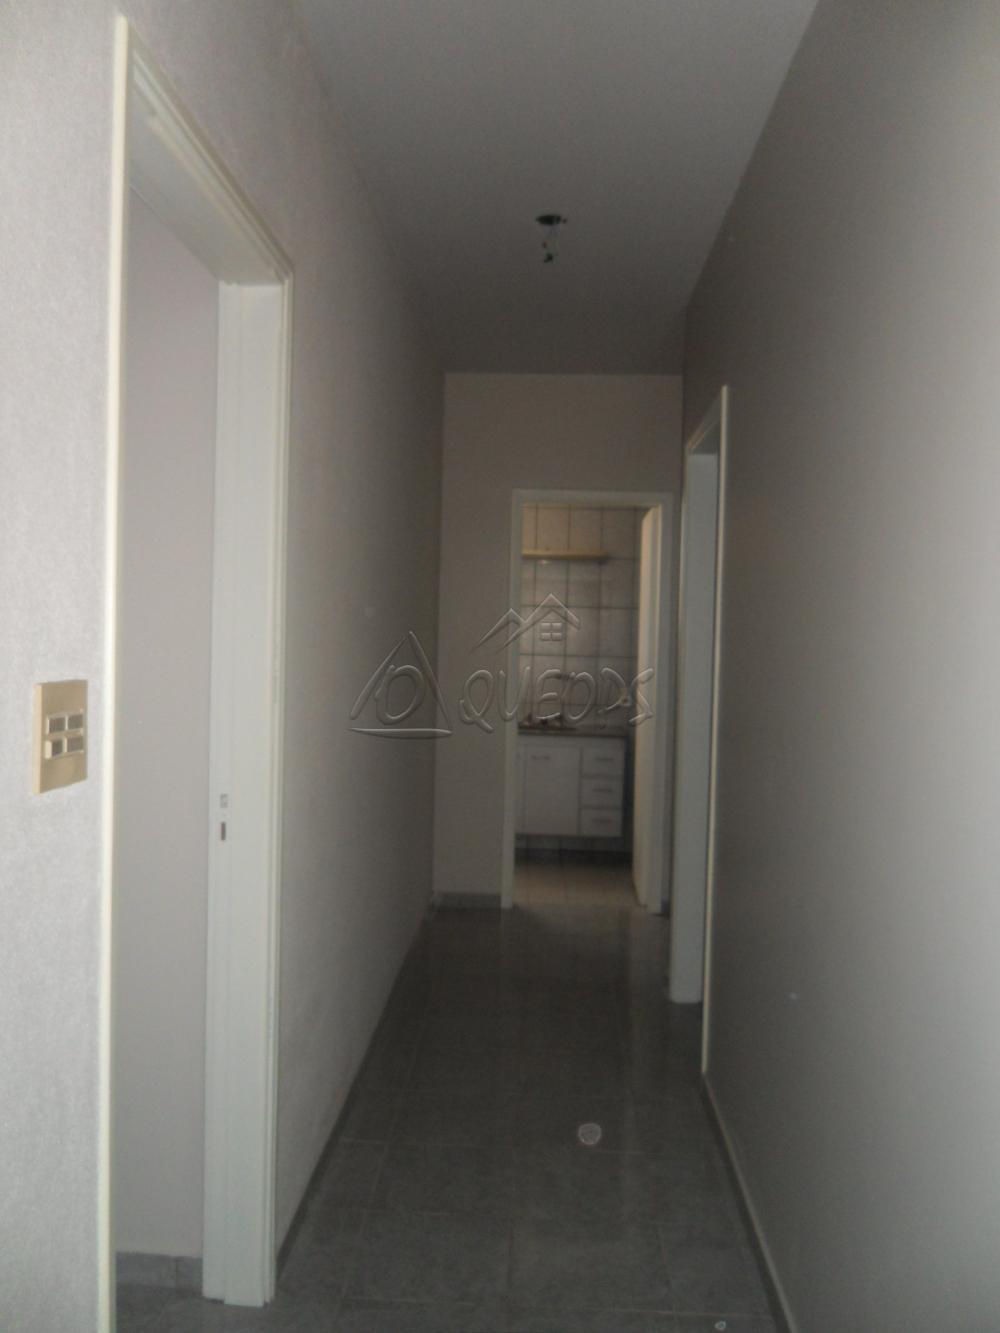 Comprar Apartamento / Padrão em Barretos apenas R$ 680.000,00 - Foto 6